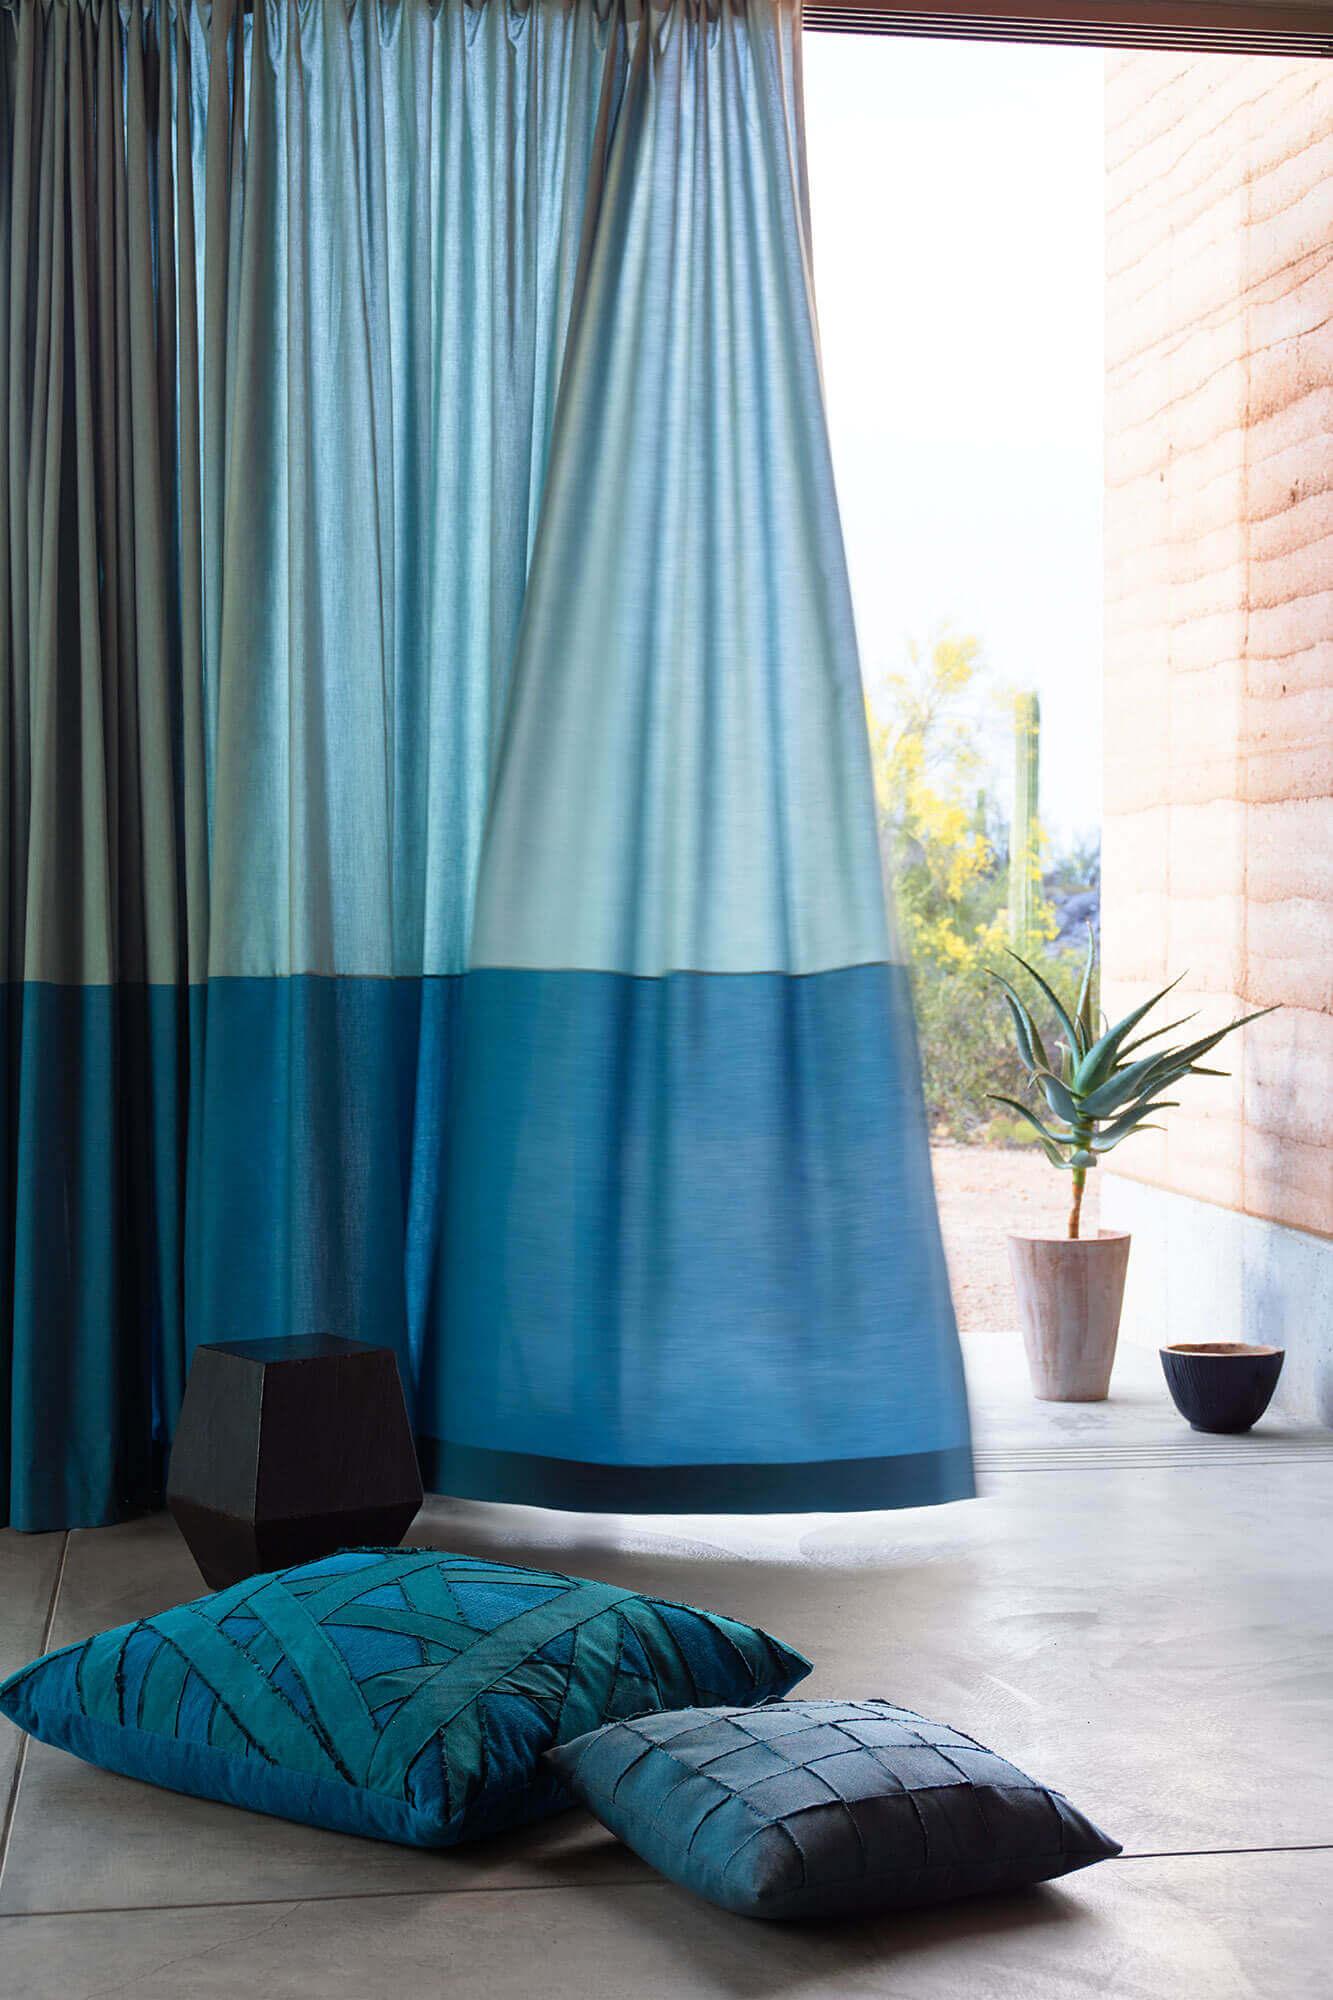 детали в интерьере должны повторять шторы и тюль